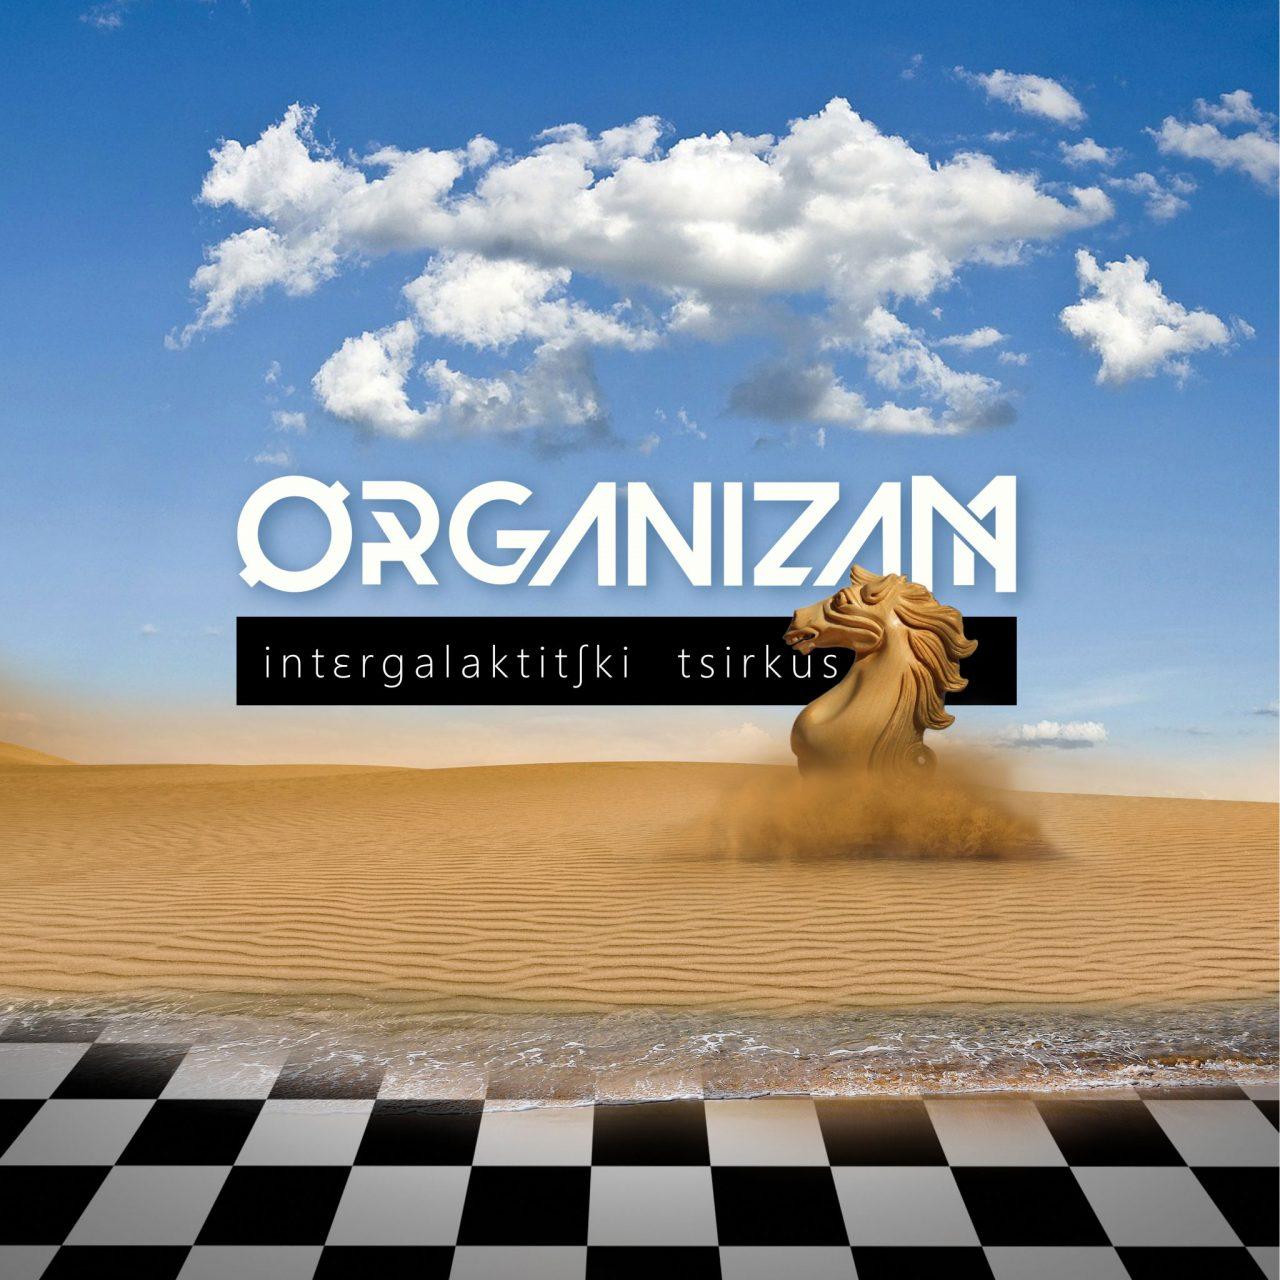 Organizam – Intergalaktički cirkus